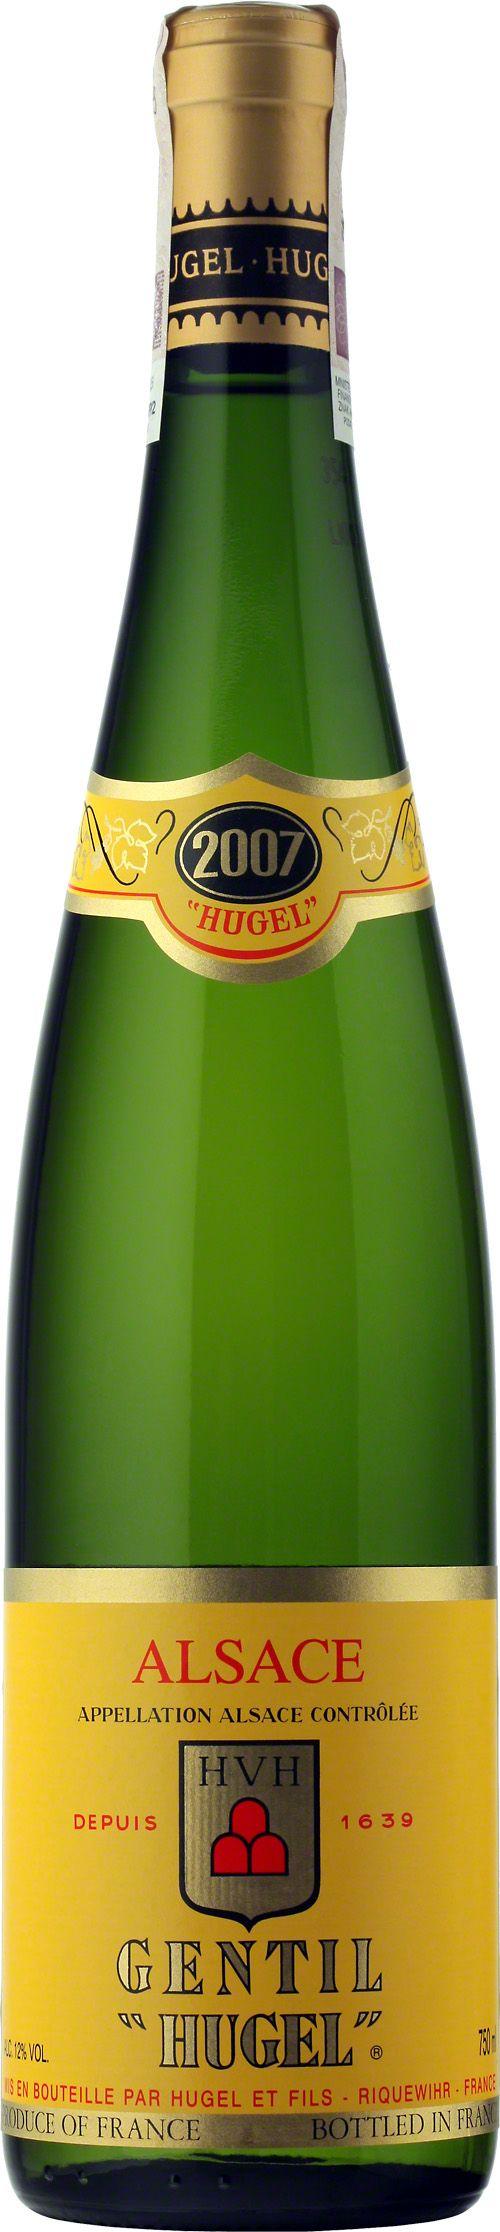 Wino Sylvaner - Hugel Gentil Alsace A.O.C. Kilka dekad temu, terminem Gentil nazywano najlepsze wina alzackie, skomponowane ze szlachetnych odmian winogron. Wyprodukowane ze szczepu sylvaner, ale ponad połowę składu stanowią odmiany - tokaj pinot gris (budowa), riesling (szlachetność), gewurztraminer (aromat przypraw) i muscat (owocowość). #Alzacja #Hugel #Gentil #sylvaner #wino #winezja